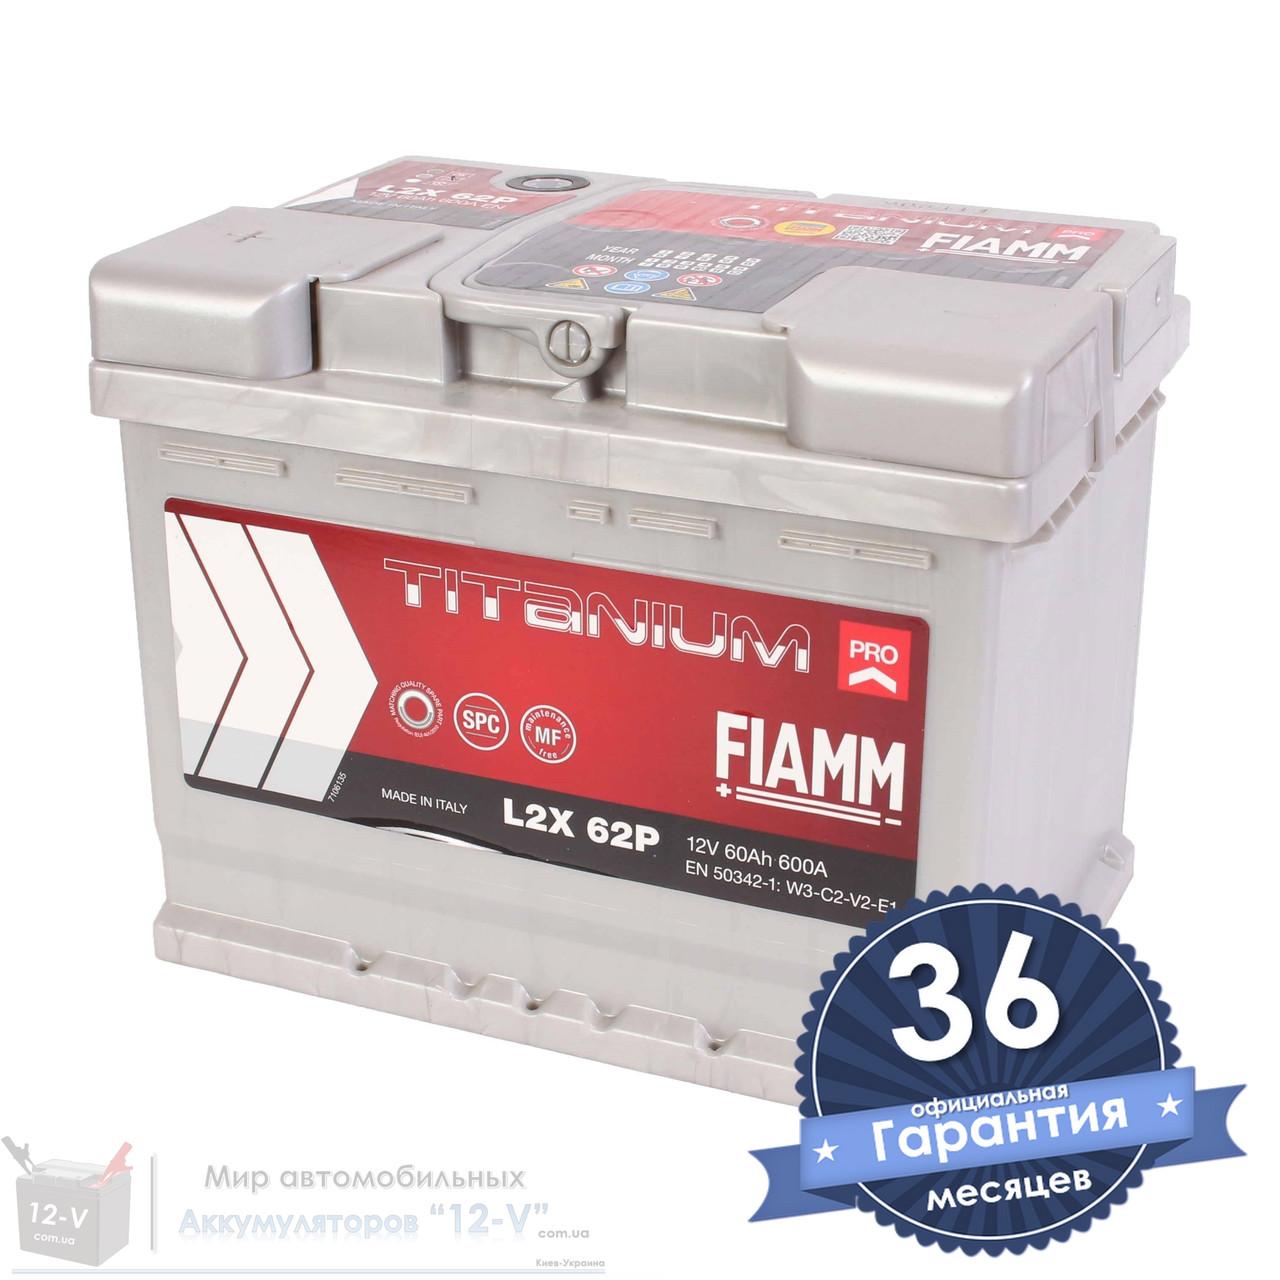 Аккумулятор автомобильный FIAMM Titanium Pro 6CT 60Ah, пусковой ток 600А [+|-] (L2X 62P)